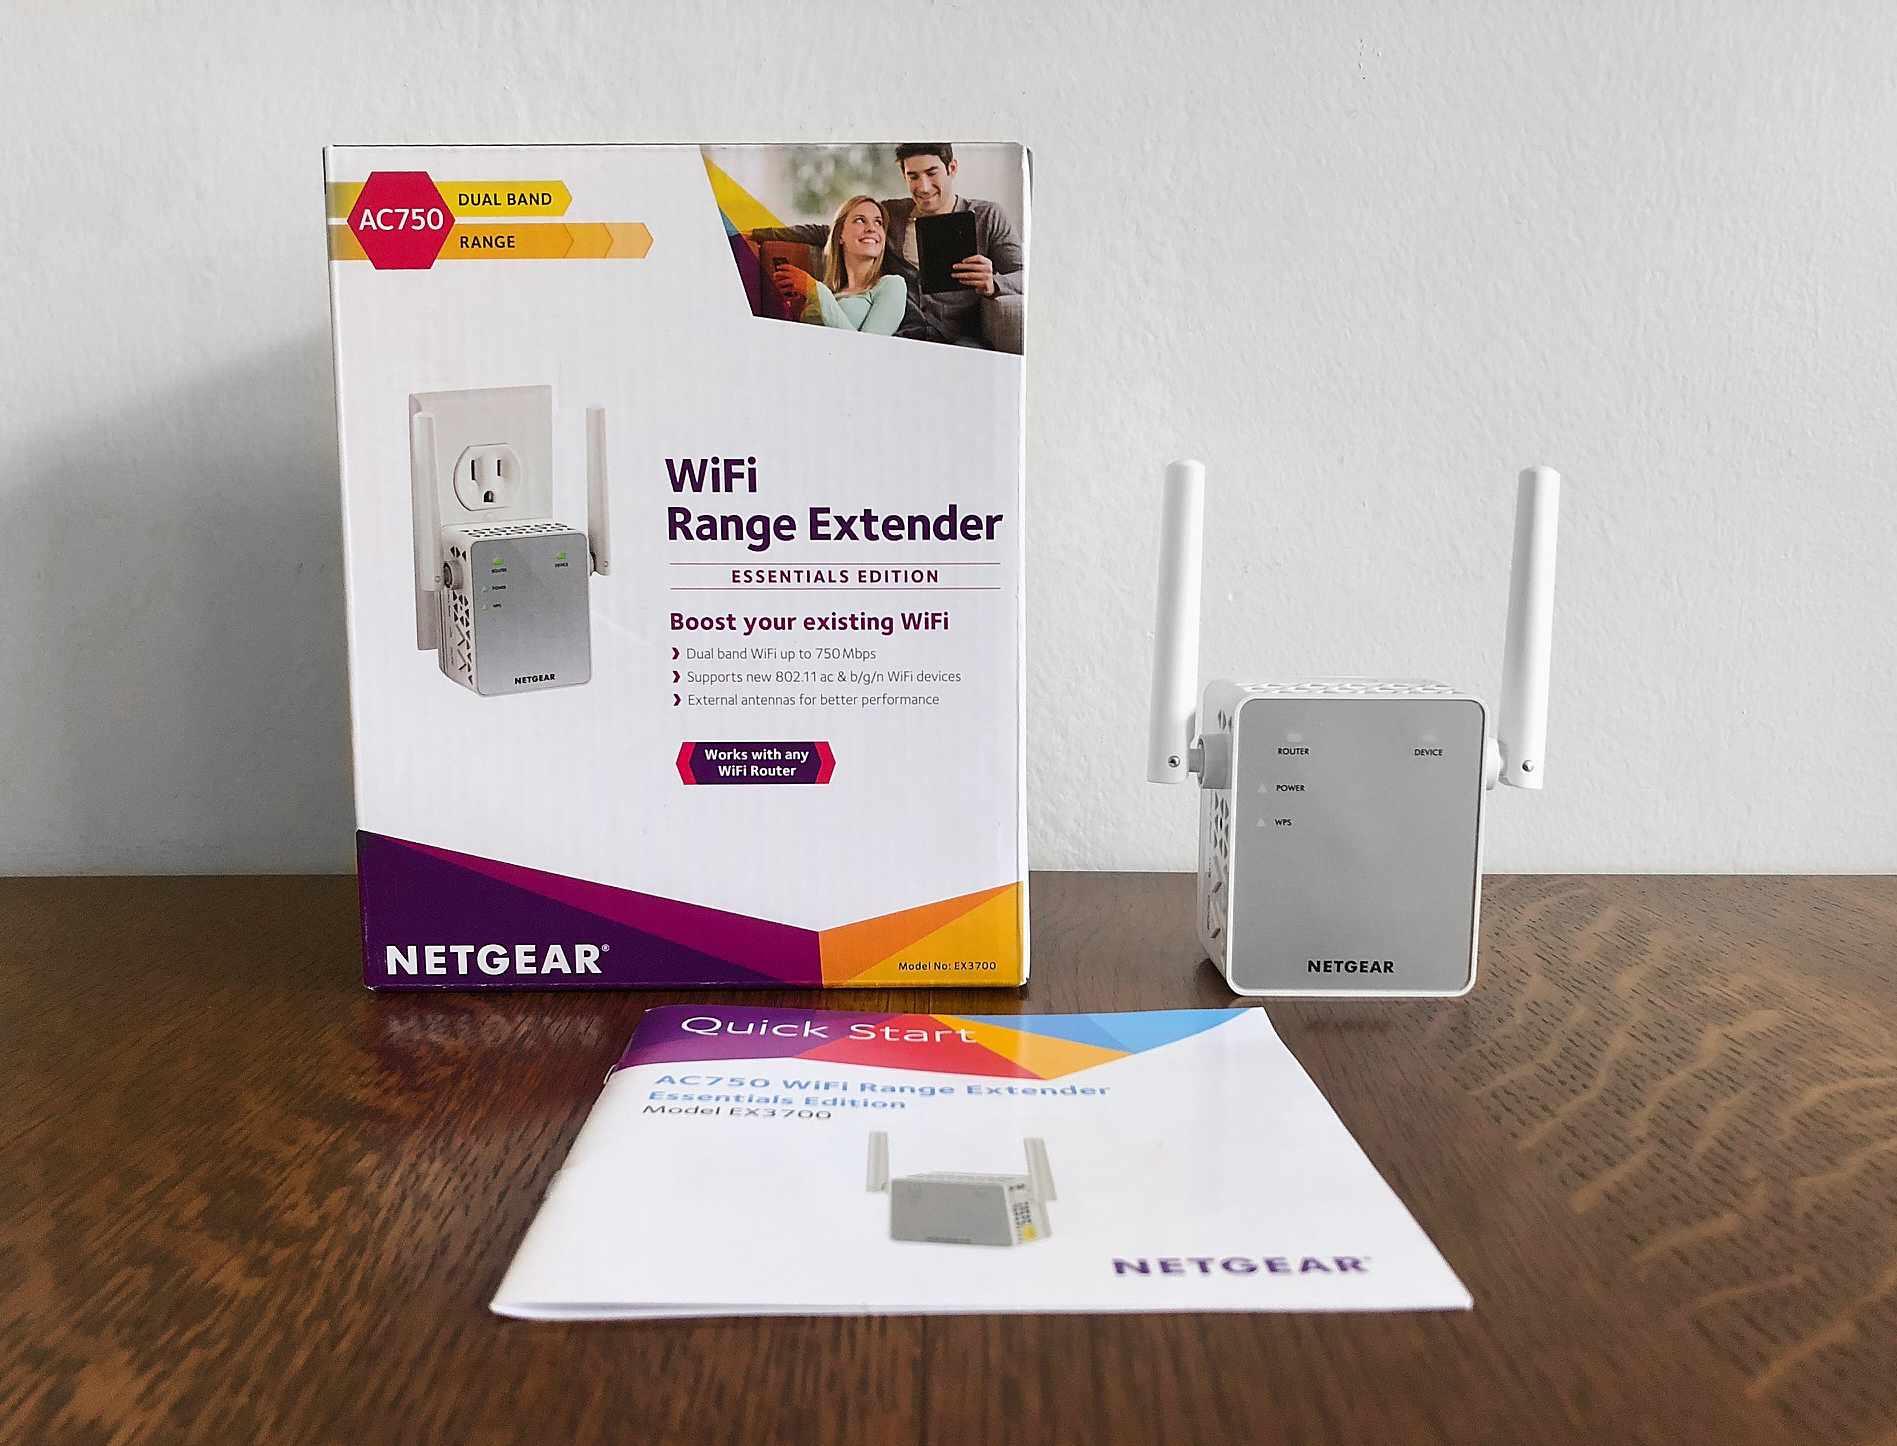 Netgear EX3700 Wi-Fi Range Extender (AC750) Review